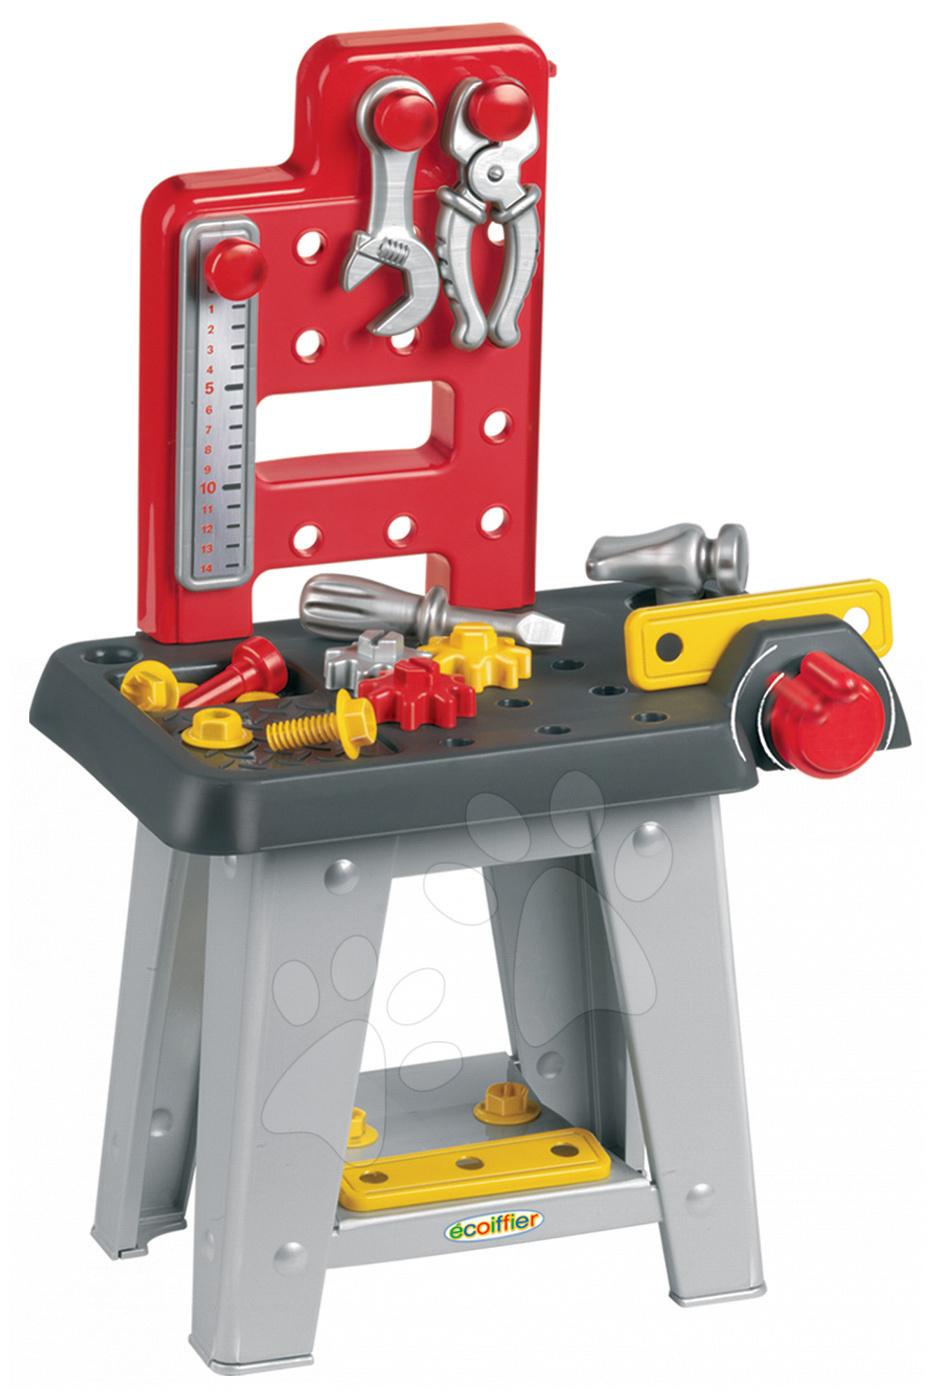 Stari vnosi - Écoiffier O2304 Mecanique pracovný stolík 25 ks 8*24,5*60 cm